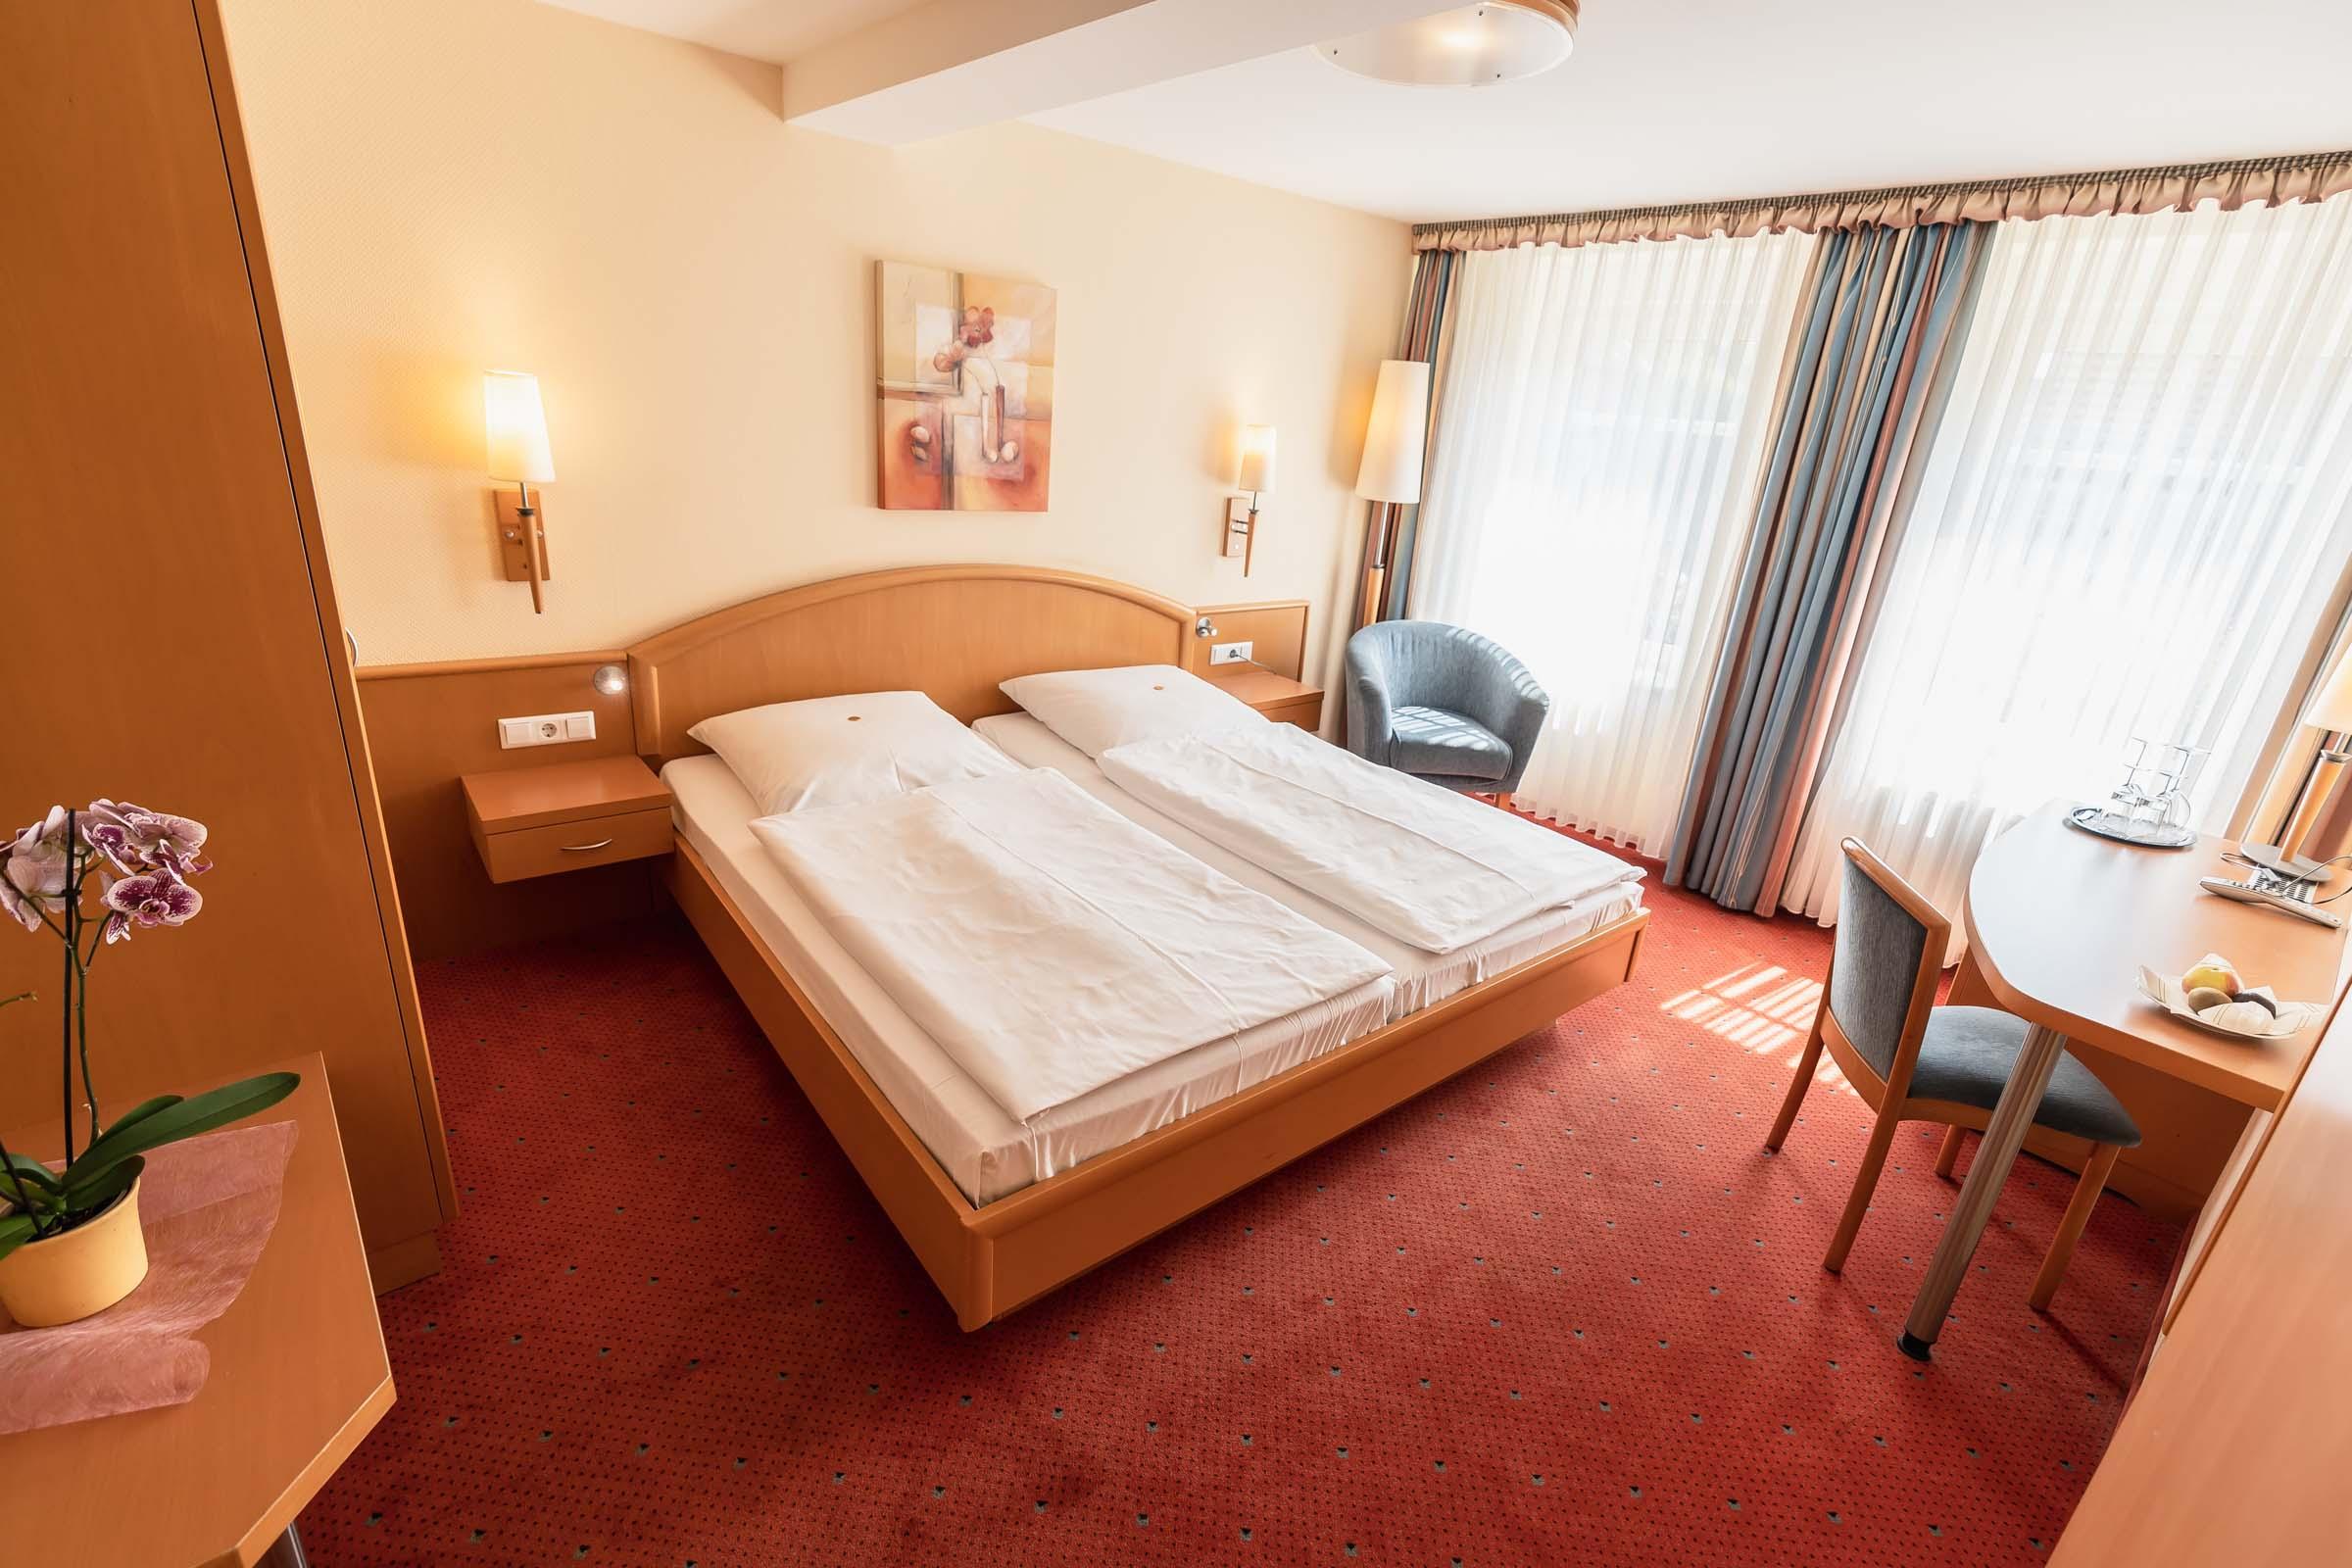 Alternativtext - Flair Hotel Deutsches Haus Arendsee Doppelzimmer Bett